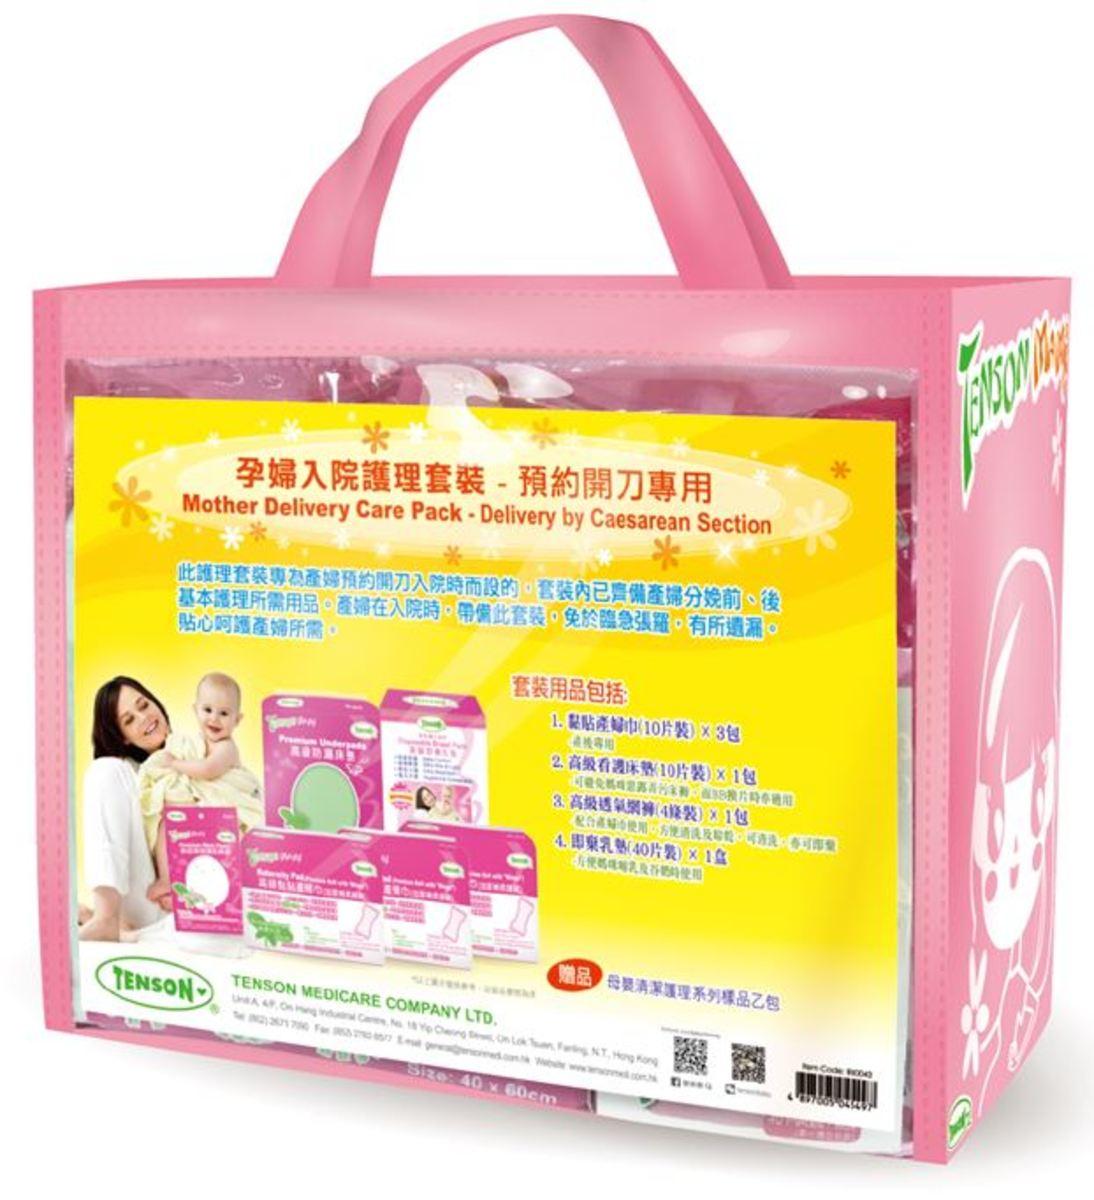 產婦入院走佬袋- 預約開刀專用 4897005045497